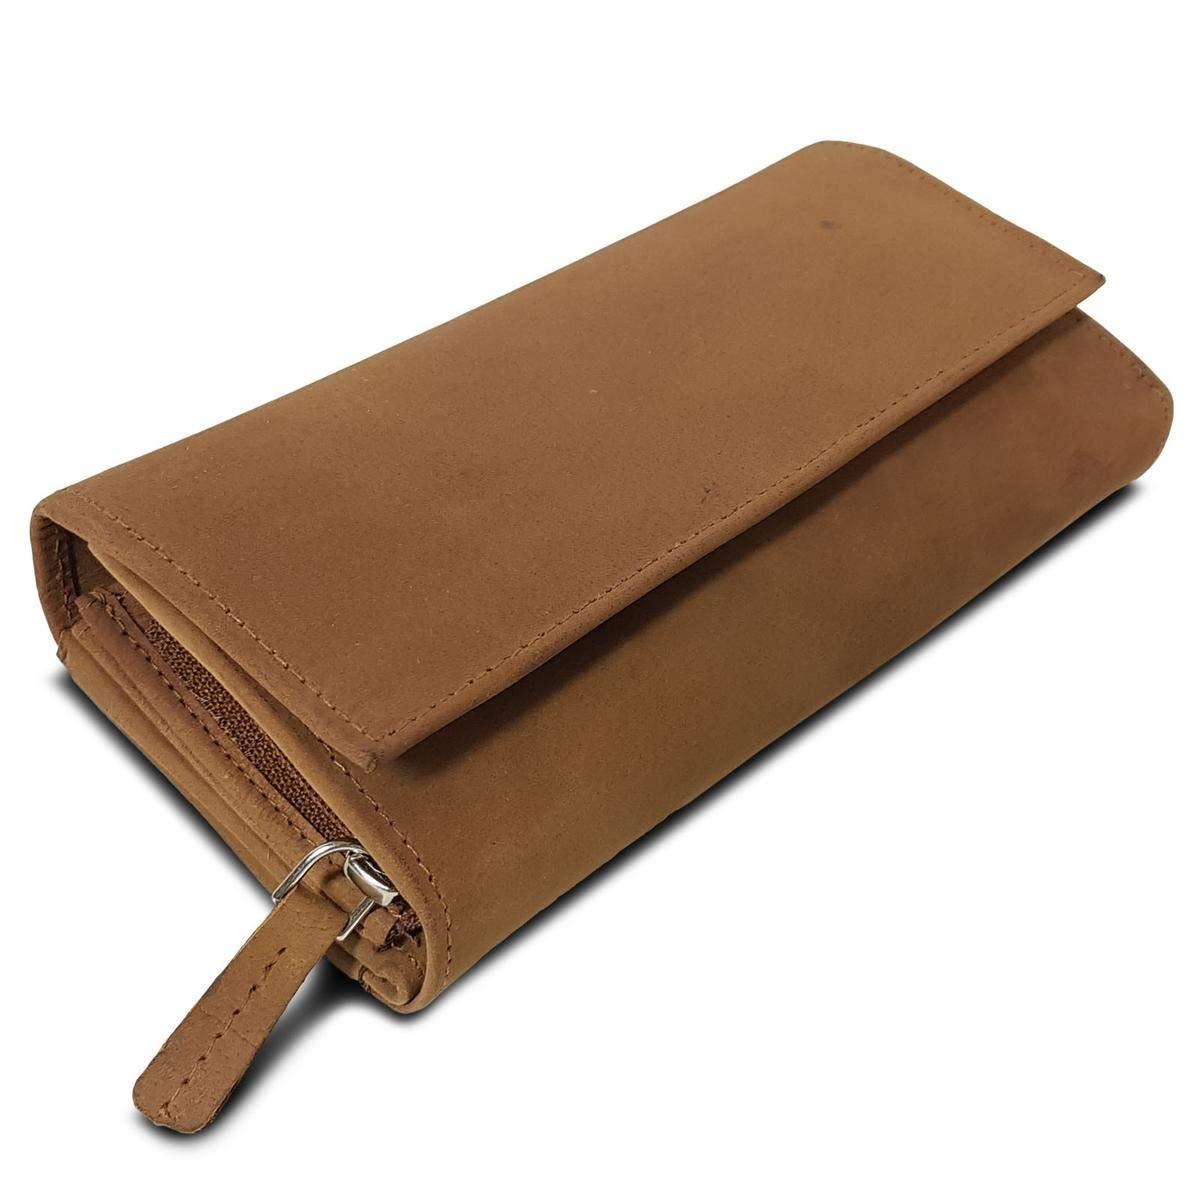 ROYALZ Leder Geldbörse für Damen Portemonnaie groß mit vielen Fächern RFID-Blocker Brieftasche Querformat, Farbe:Montana Braun